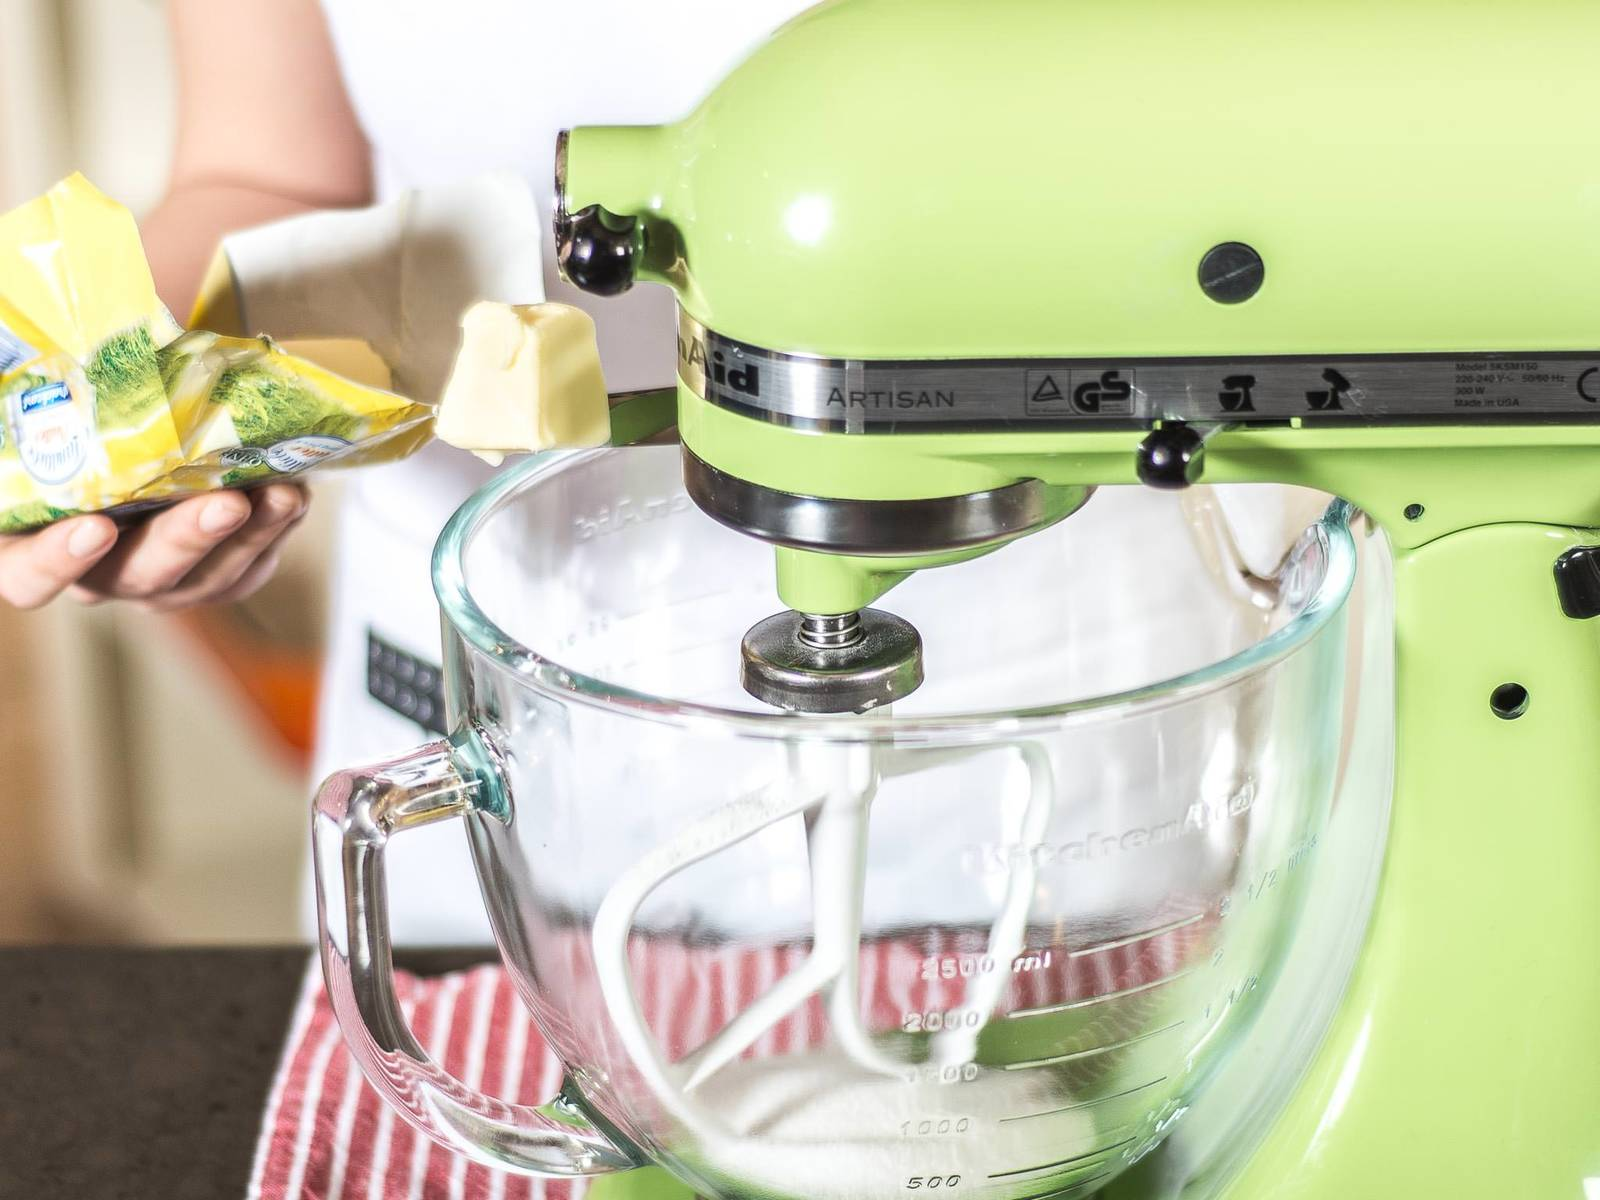 Backofen auf 180°C vorheizen. Für den Boden gewürfelte kalte Butter, Zucker, Milch und eine Prise Salz in einem Standmixer oder mit dem Handrührgerät vermengen.